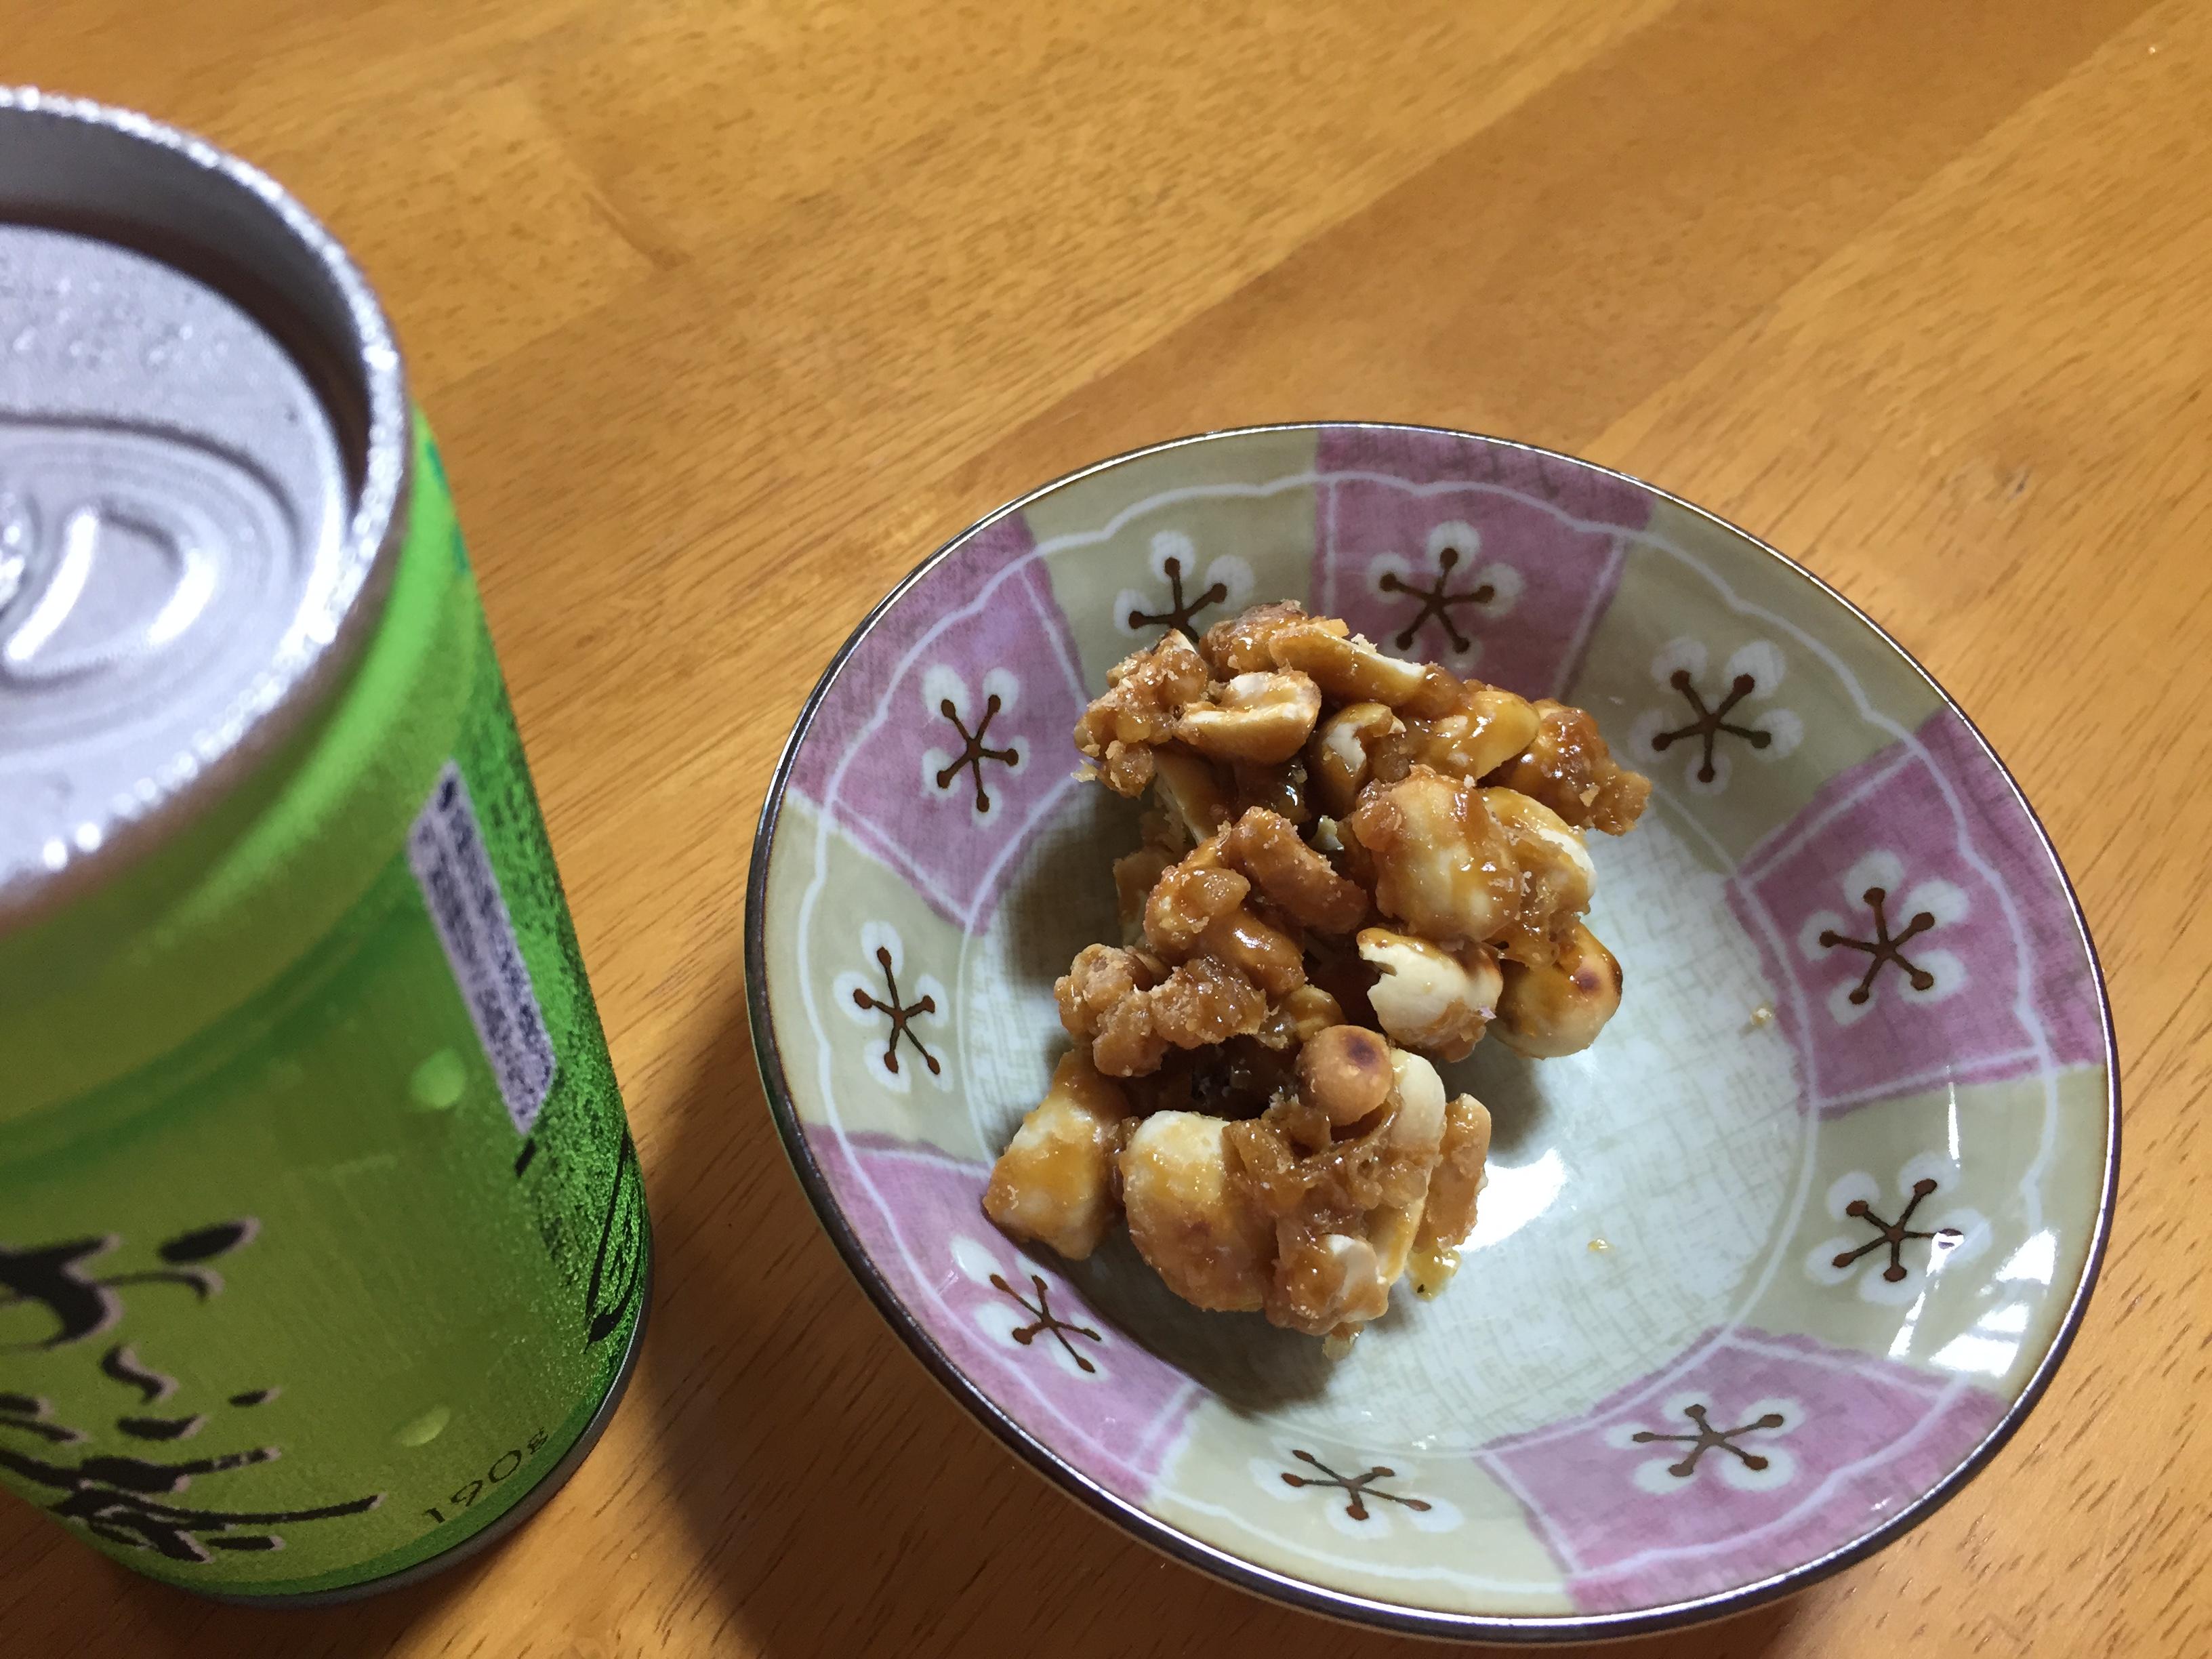 訪問先でいただいたお茶やおやつ。サタマメ(黒糖ビーナッツ)は自家栽培の落花生ときび砂糖で作りたて、甘い香りが口の中に広がって美味しいです。